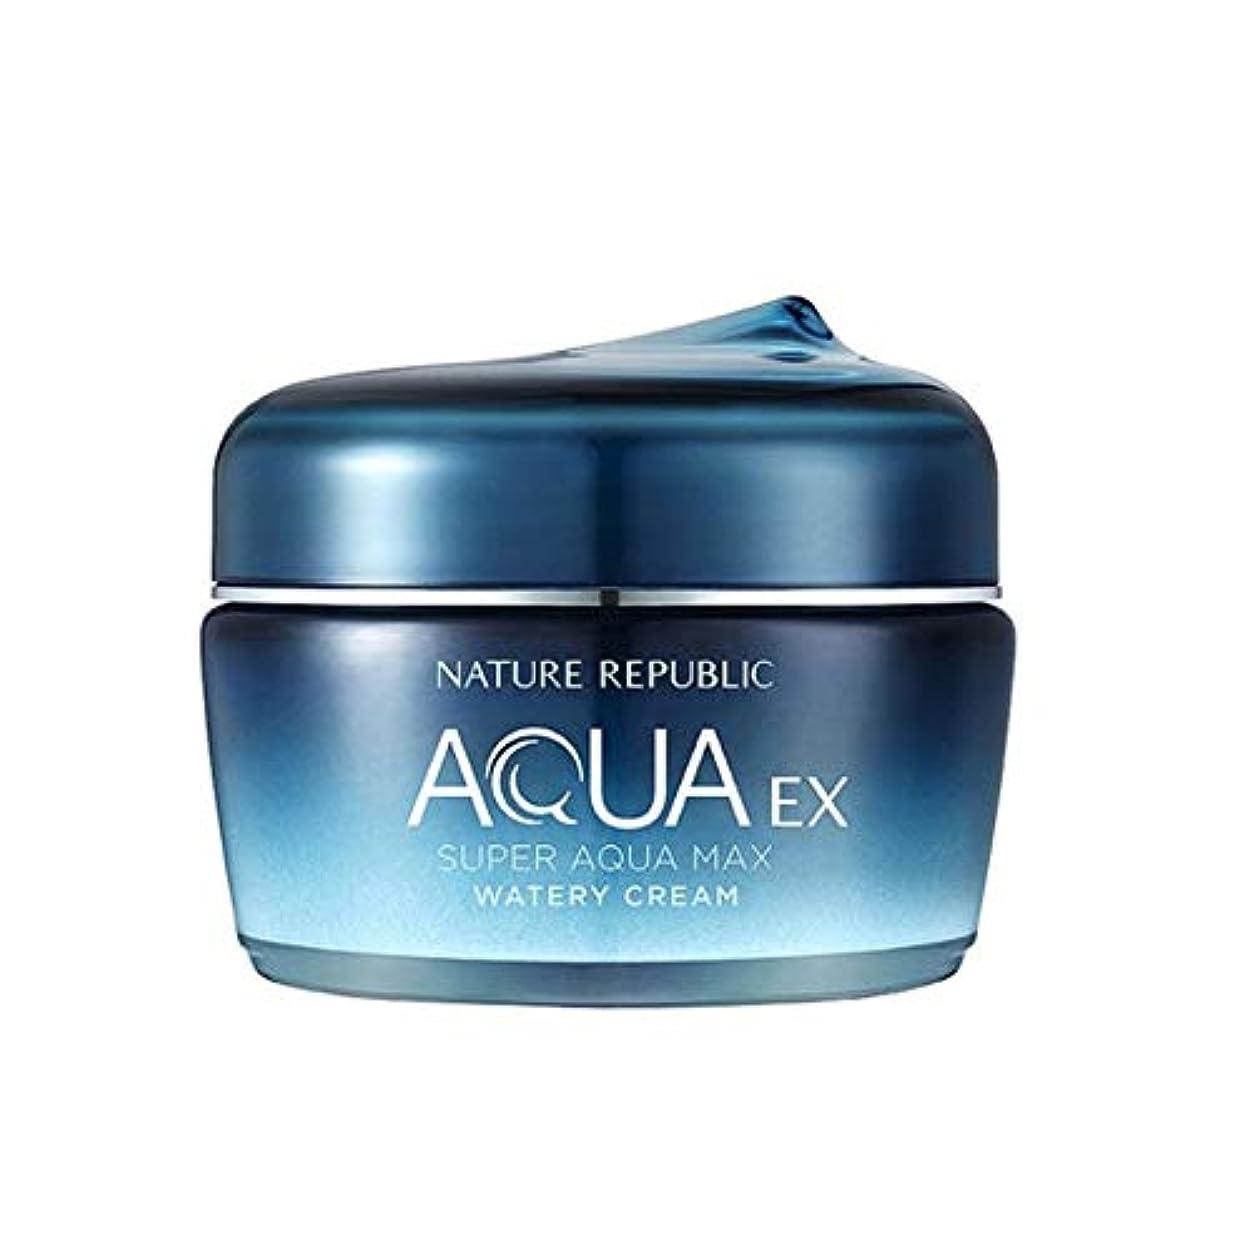 写真を描くシンボル子供時代ネイチャーリパブリックスーパーアクアマックスEX水分クリーム80ml韓国コスメ、Nature Republic Super Aqua Max EX Watery Cream 80ml Korean Cosmetics [...